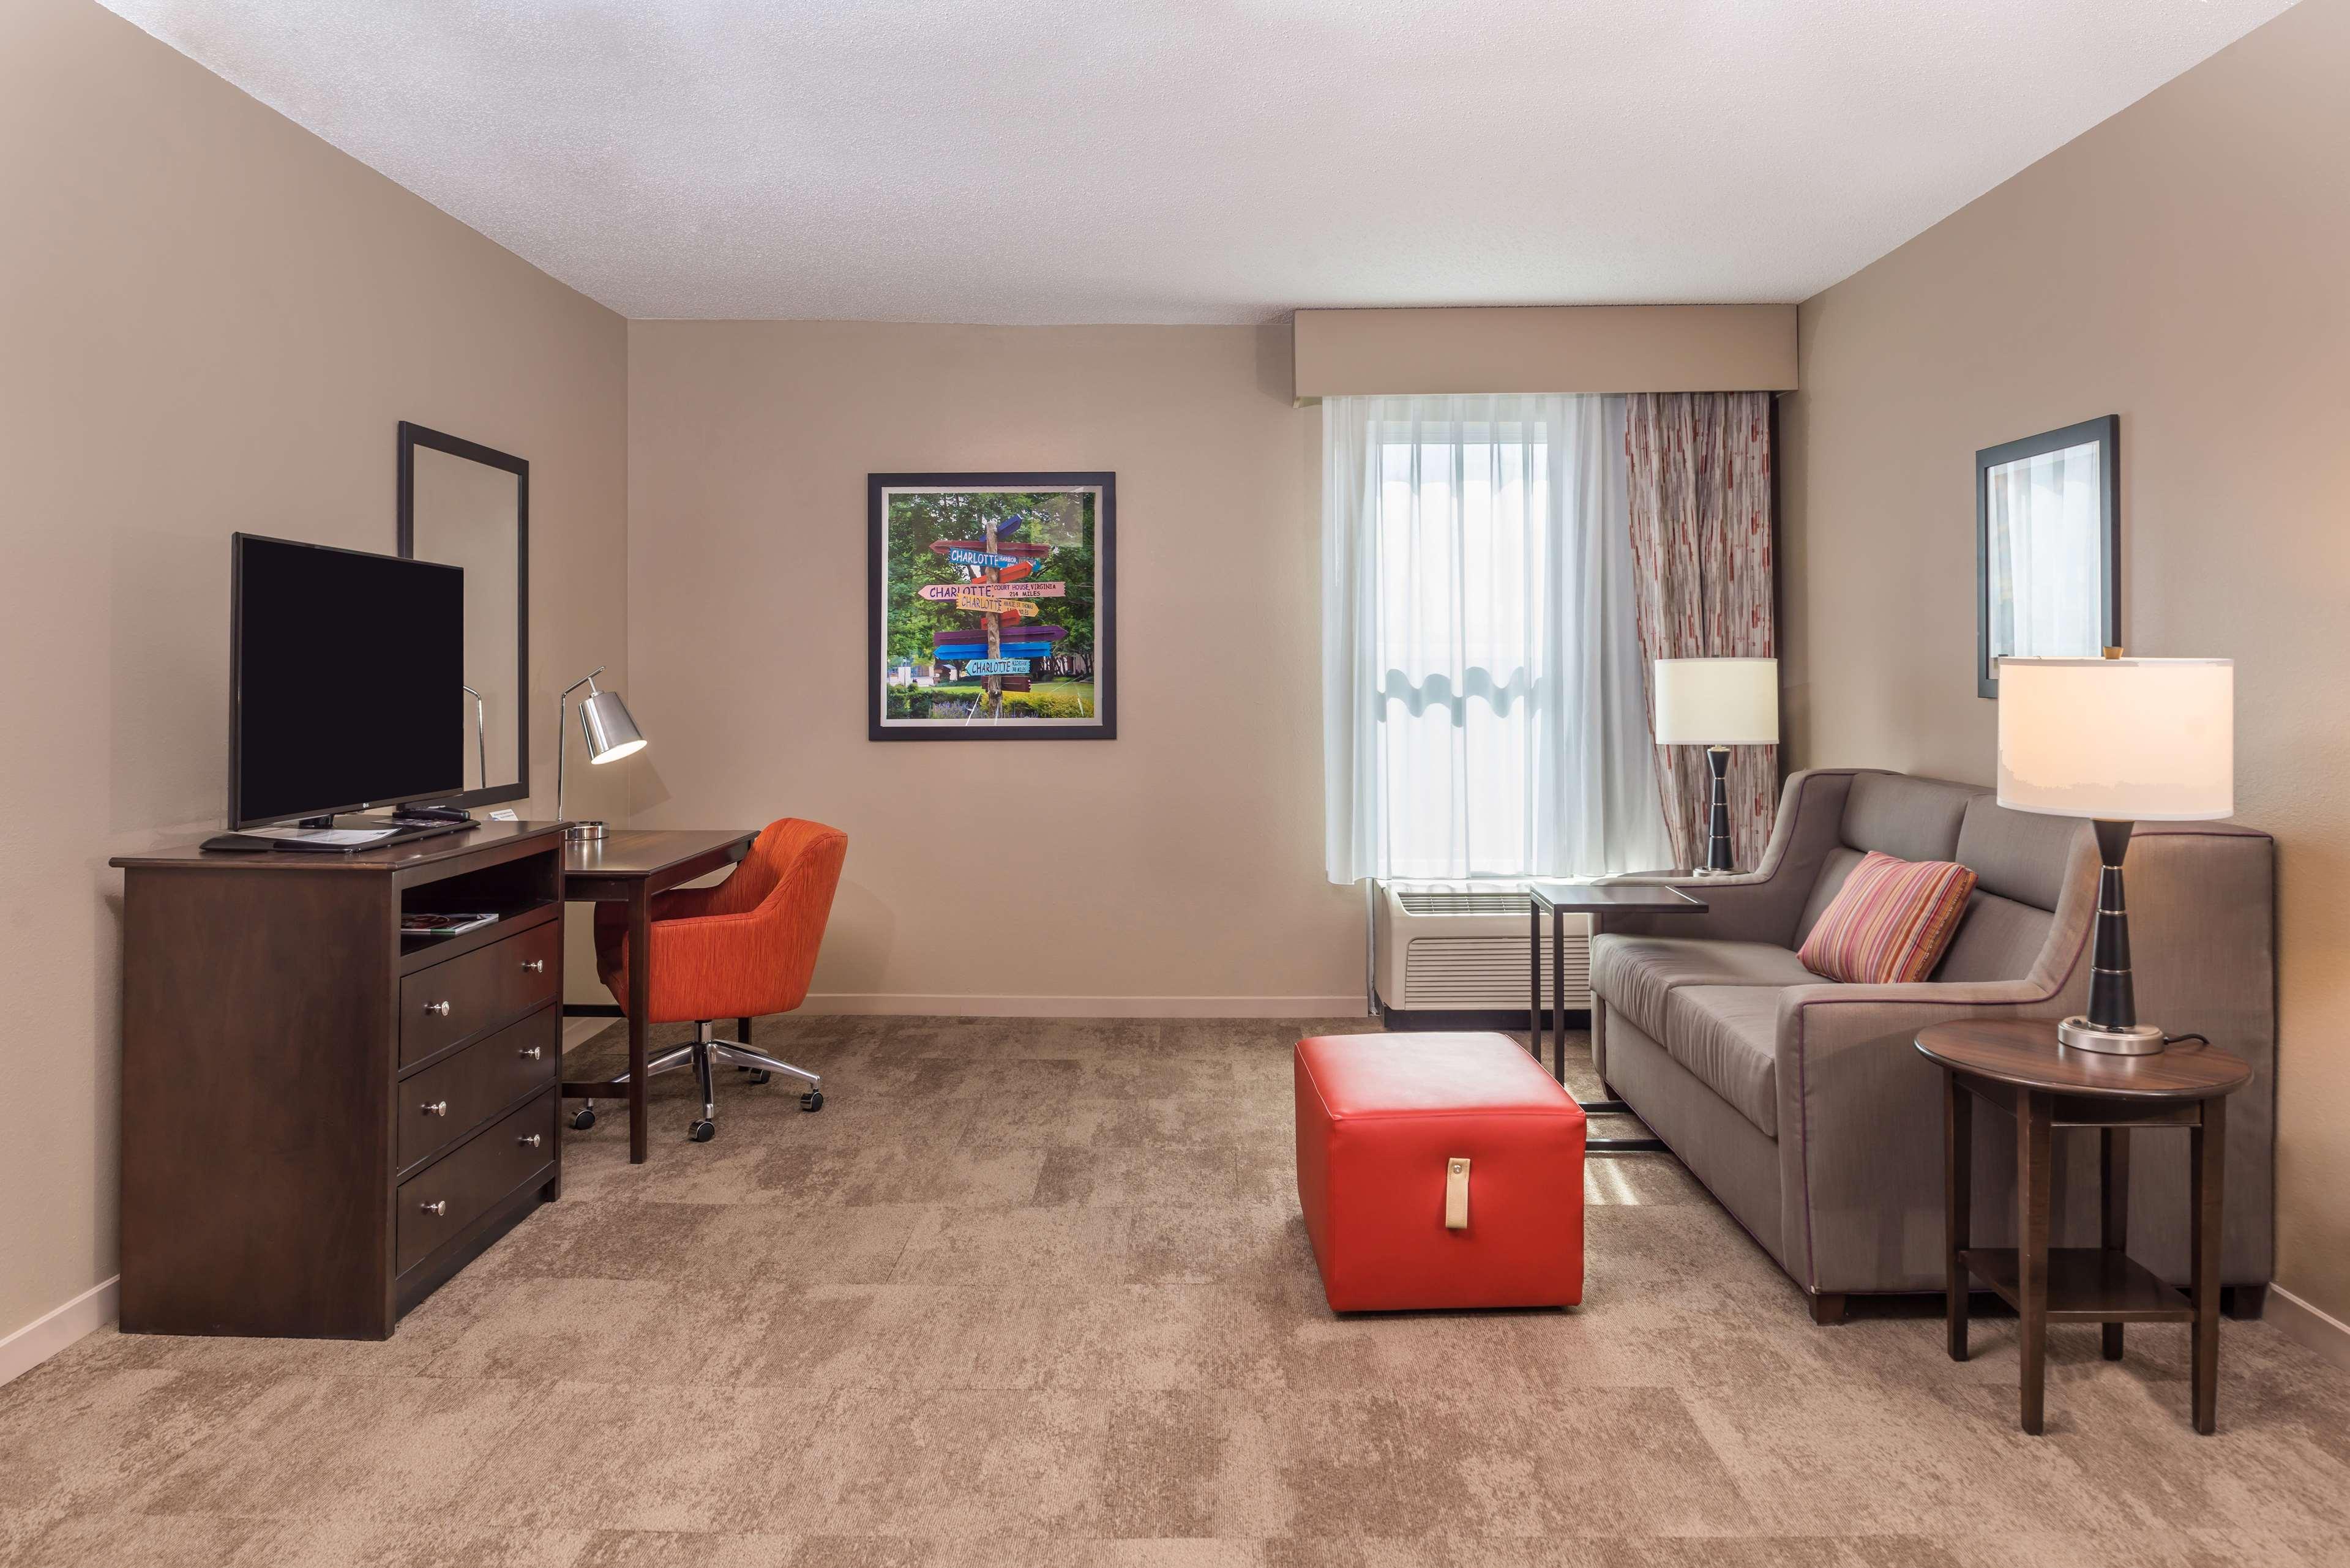 Hampton Inn & Suites Charlotte-Arrowood Rd. image 16